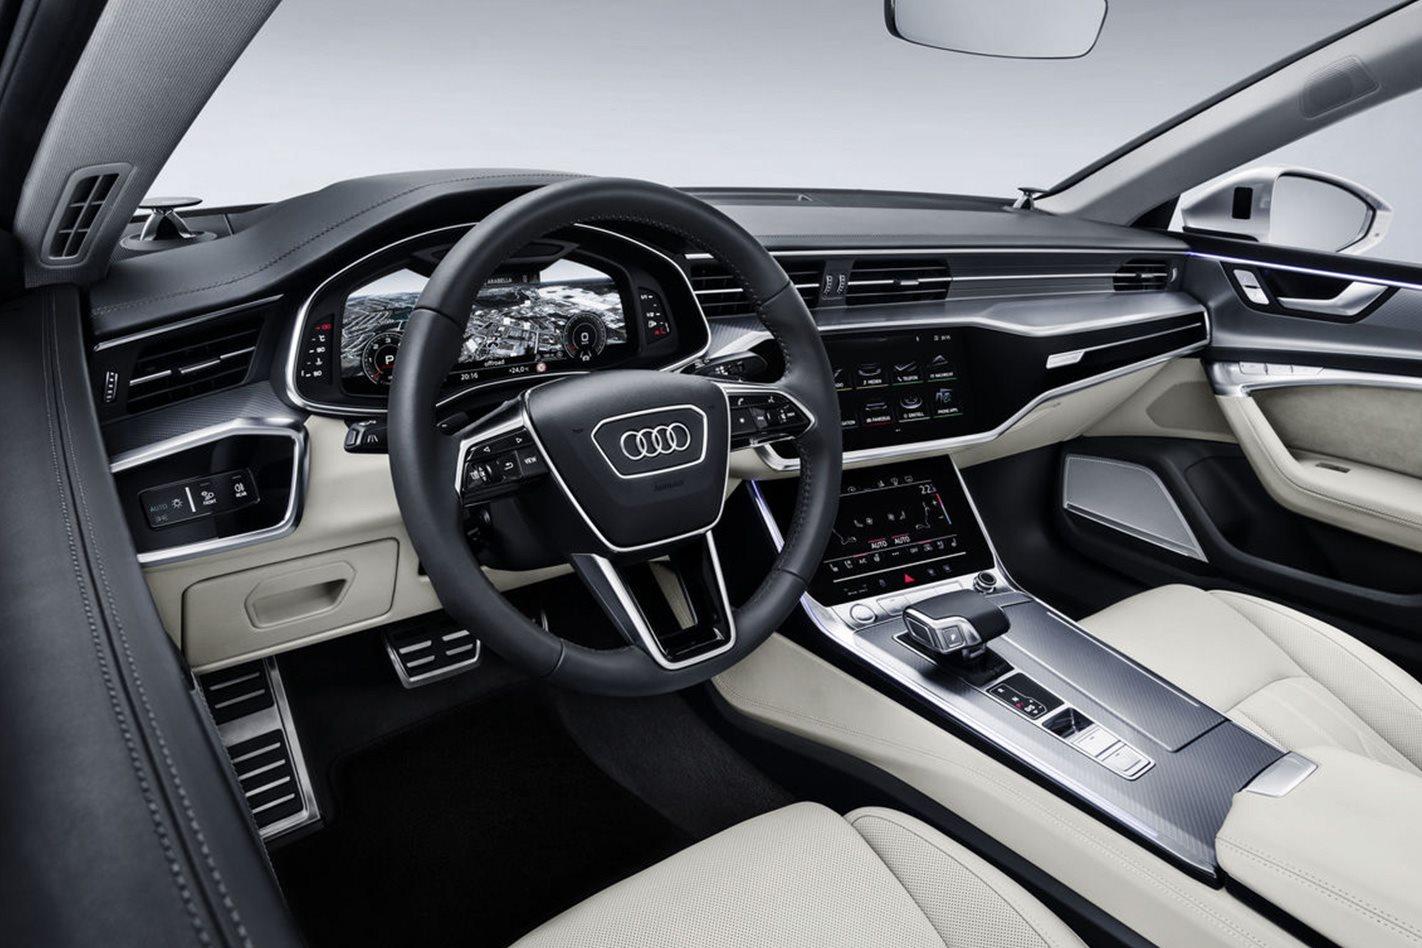 2019-Audi-A7-Sportback-steering-wheel.jpg